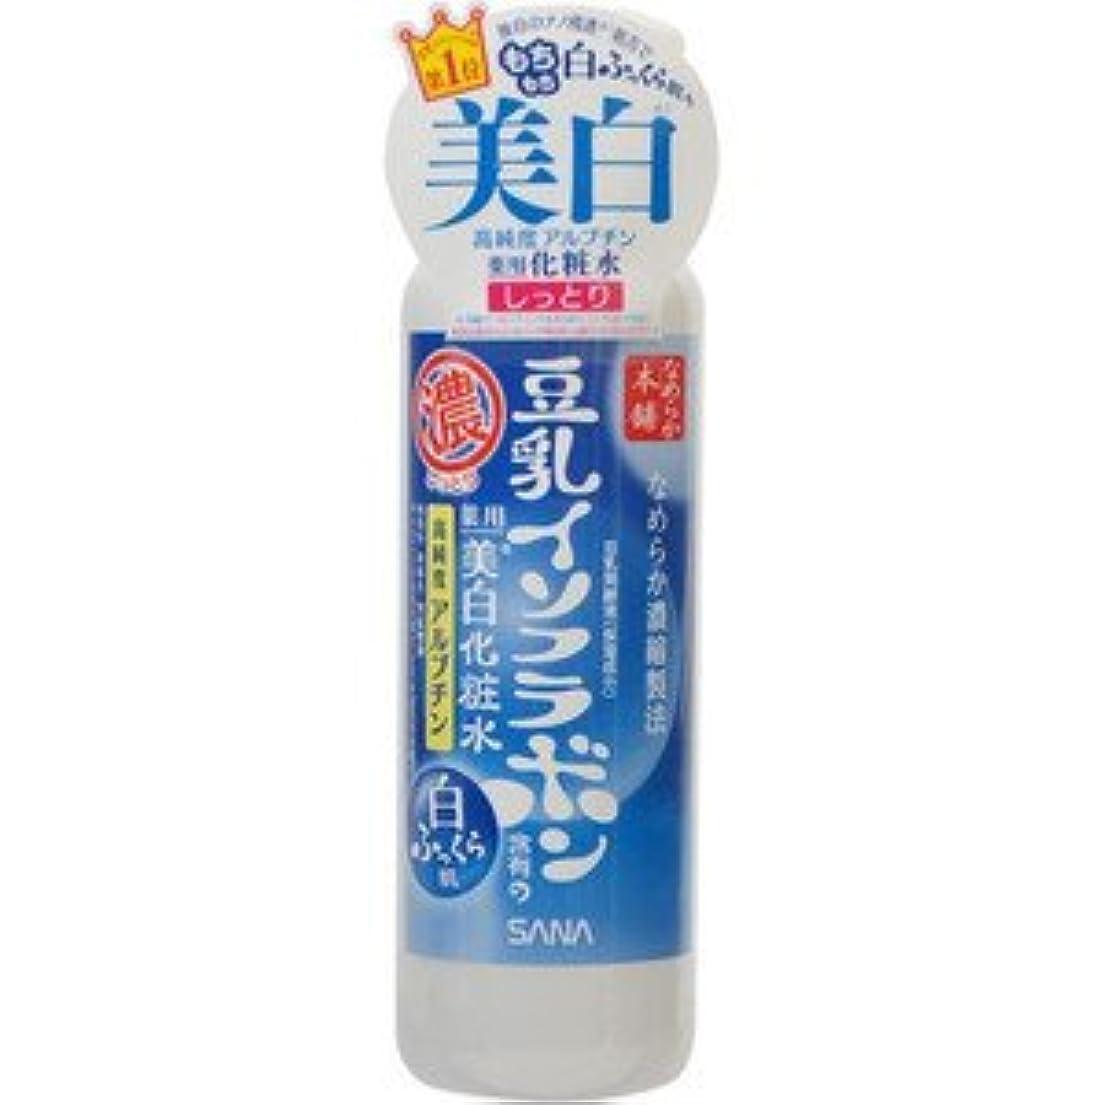 わがまま鏡建てるサナ なめらか本舗 薬用美白しっとり化粧水 × 3個セット